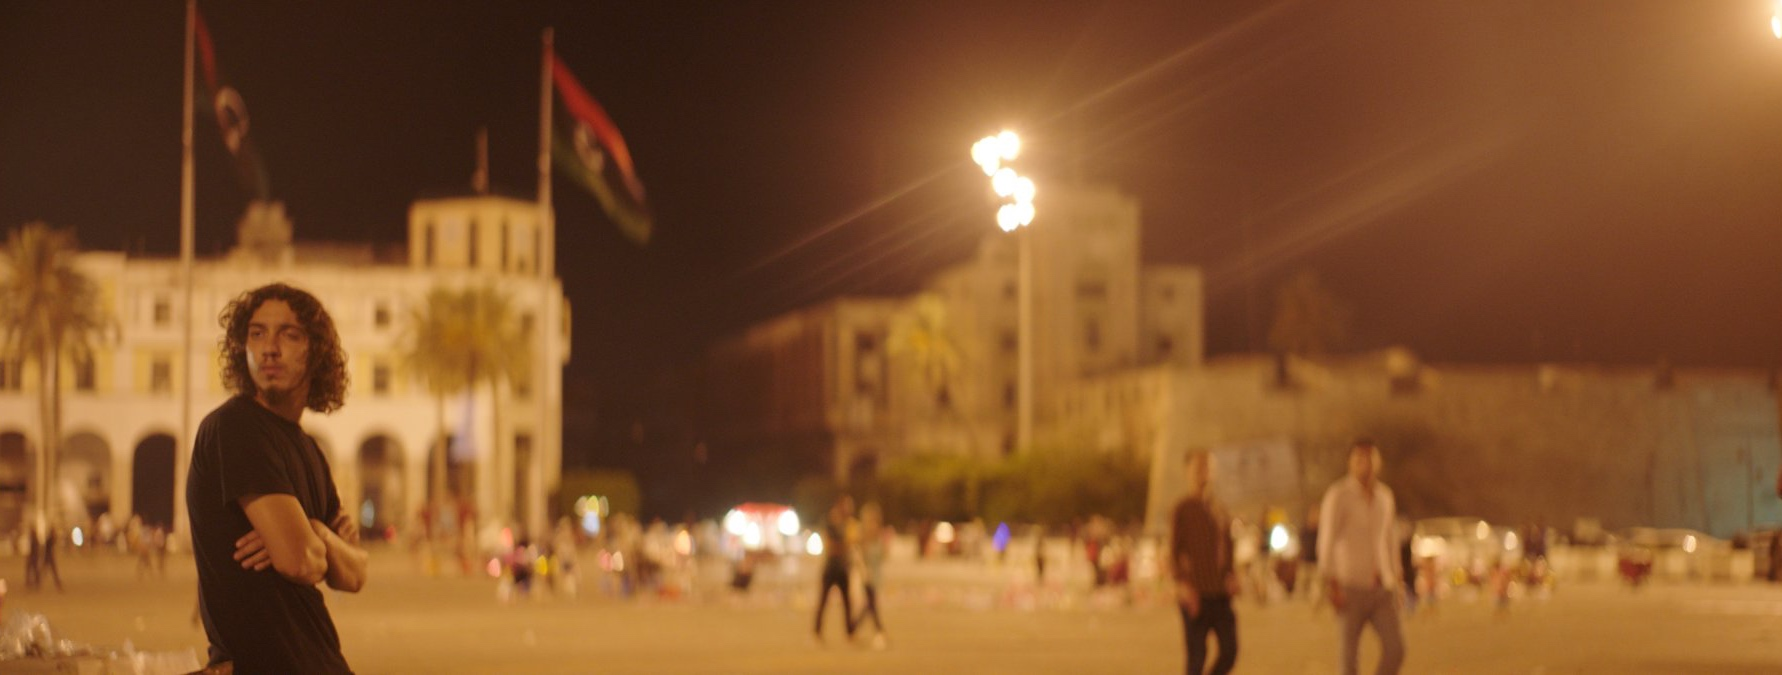 مؤيد الزابطية: الربيع الليبي لم يقلص من الخطوط الحمراء